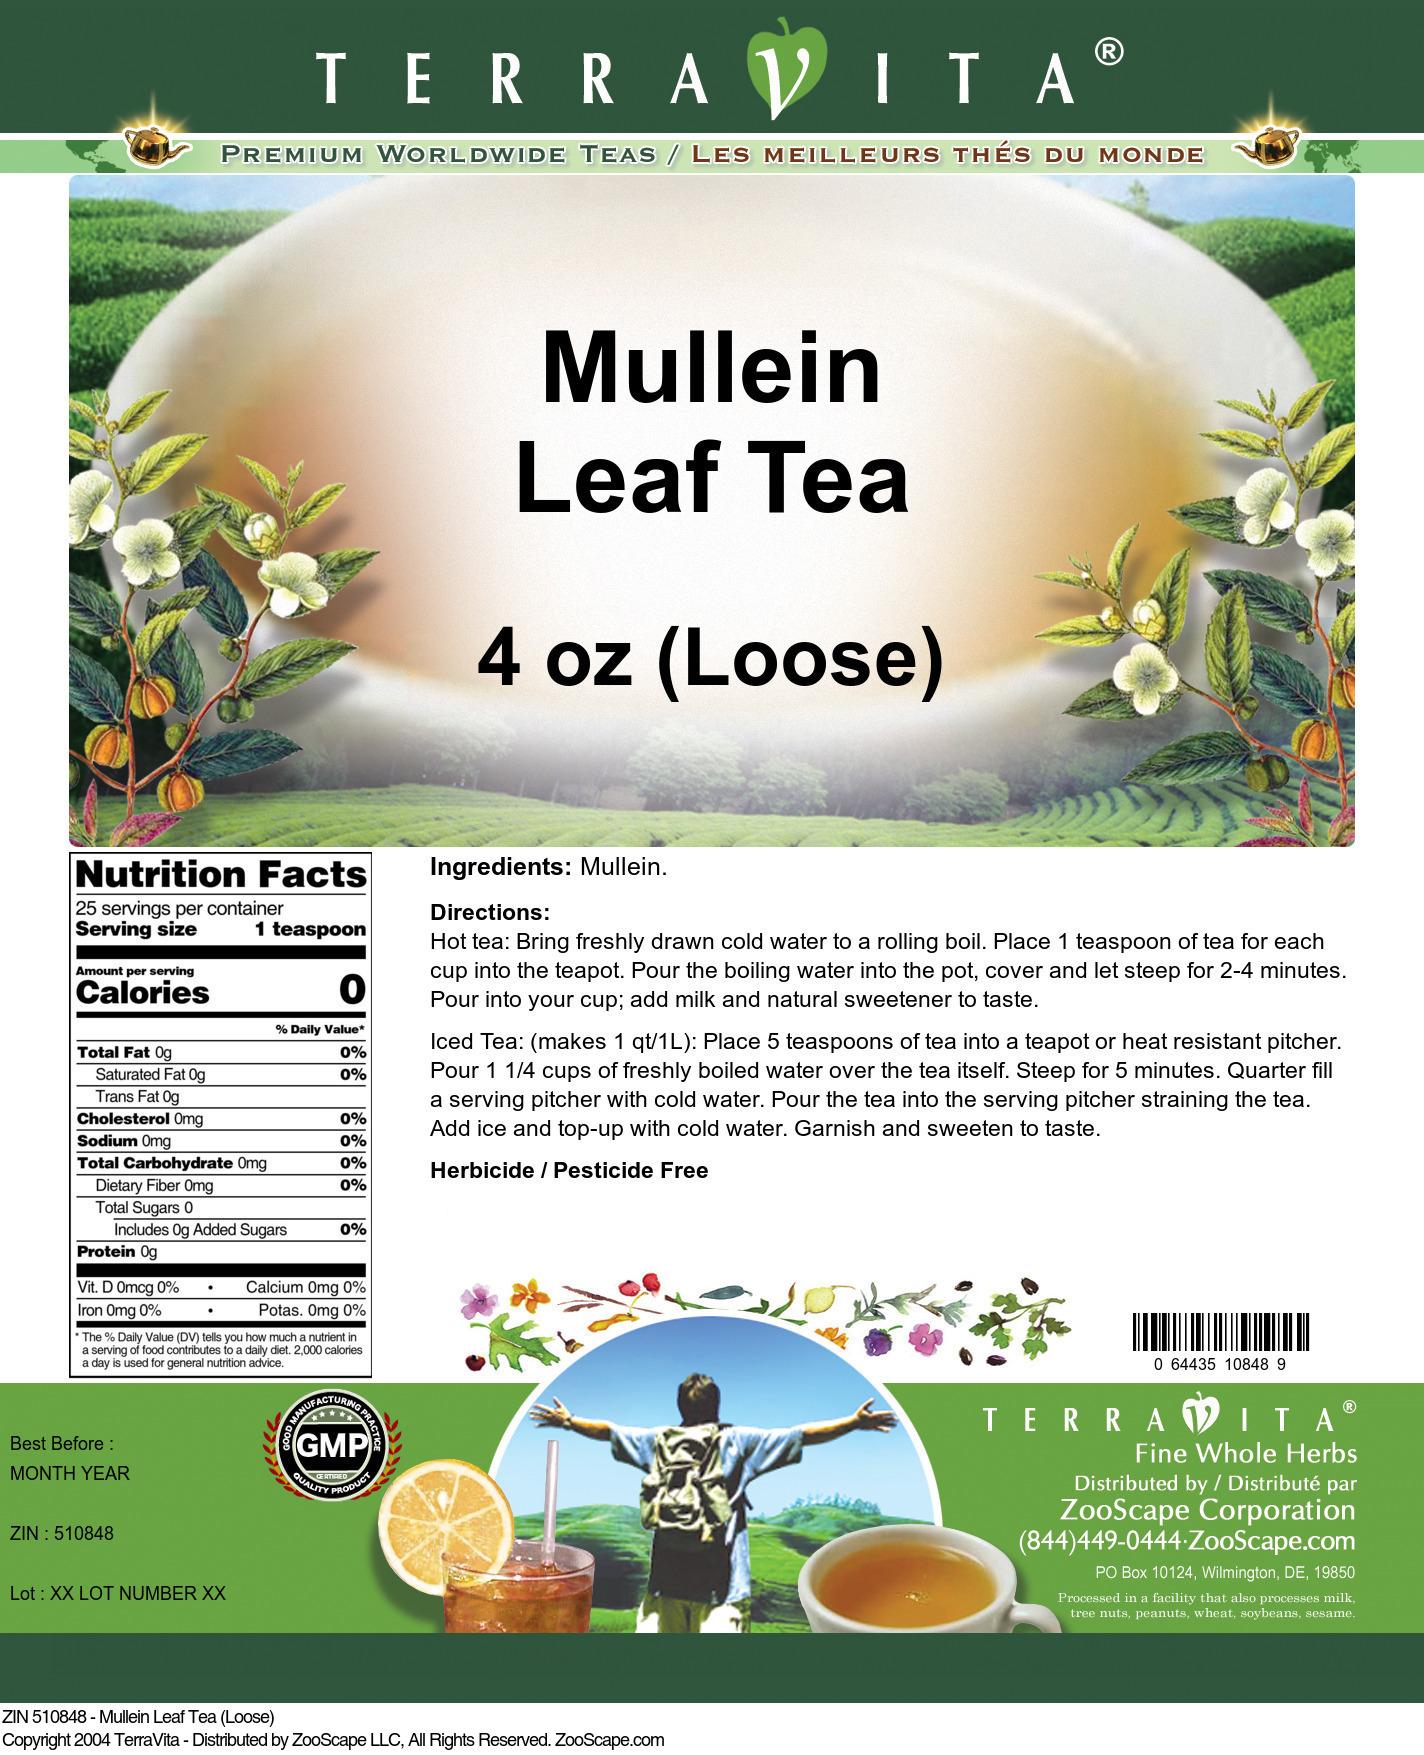 Mullein Leaf Tea (Loose)